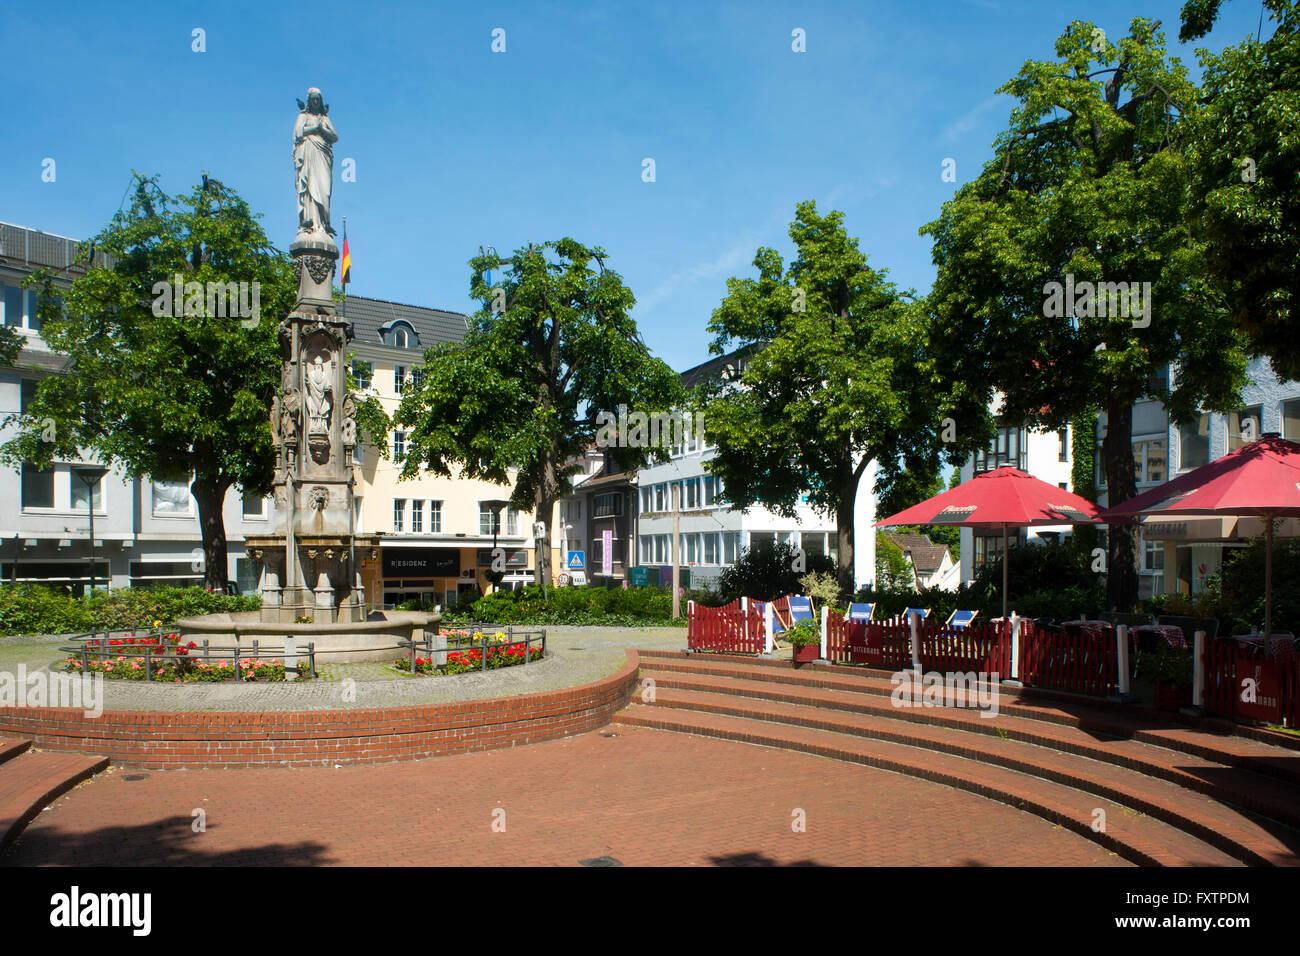 deutschland nordrhein westfalen paderborn marienplatz. Black Bedroom Furniture Sets. Home Design Ideas